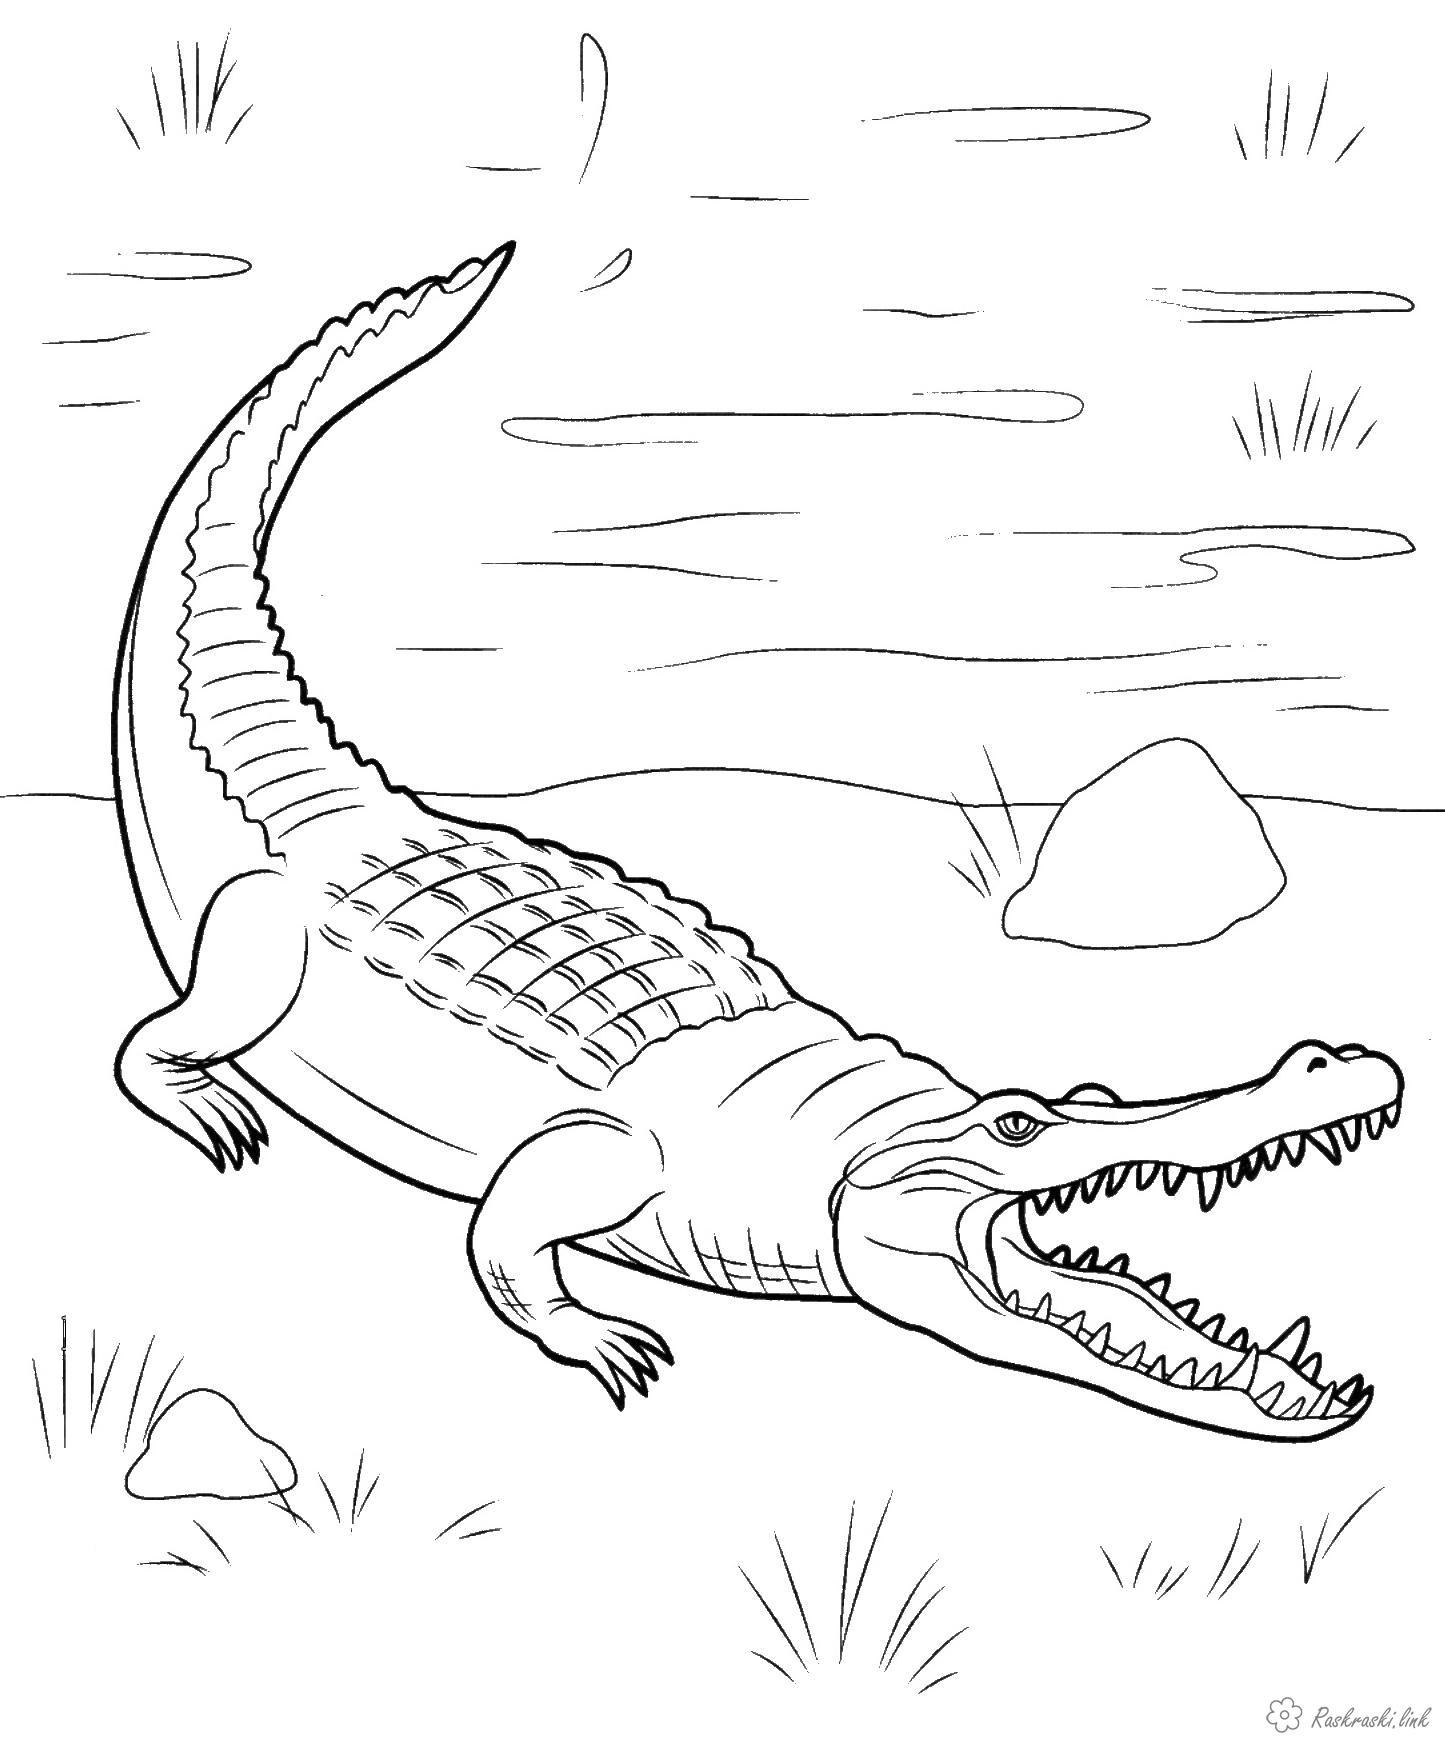 Розмальовки крокодил Рептилії, крокодил, вода